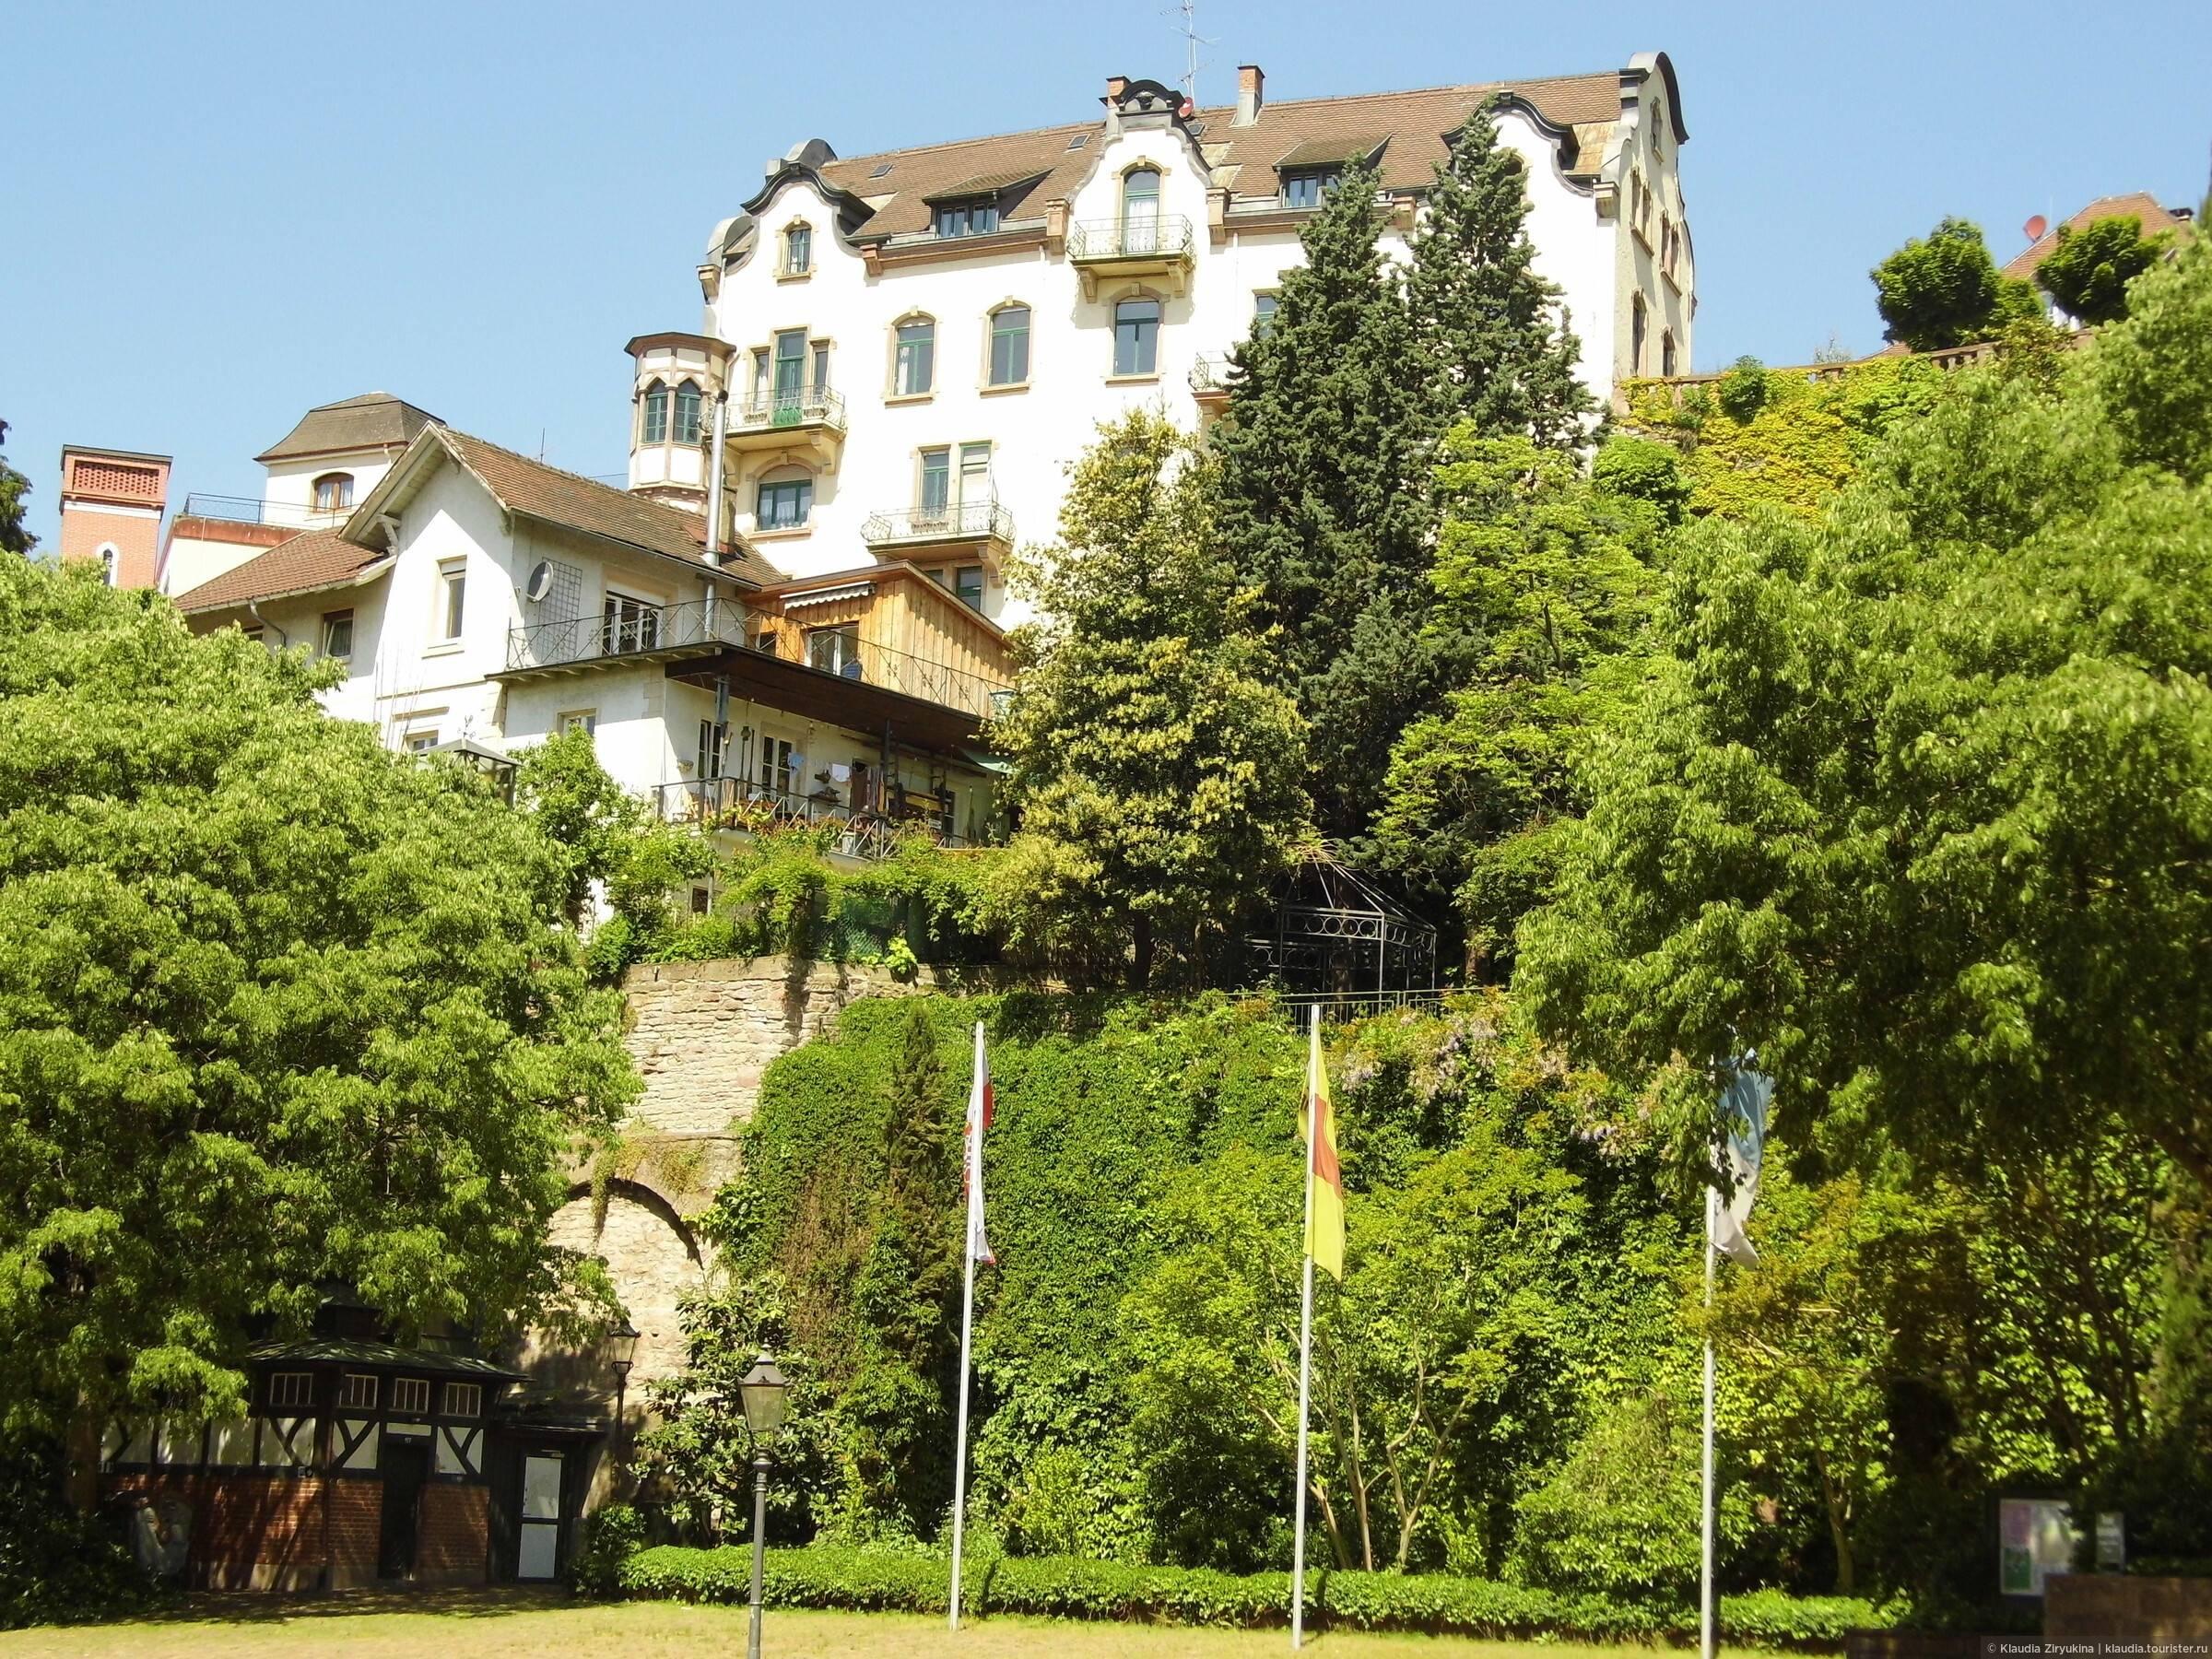 Баден-вюртемберг: достопримечательности и популярные места   все достопримечательности